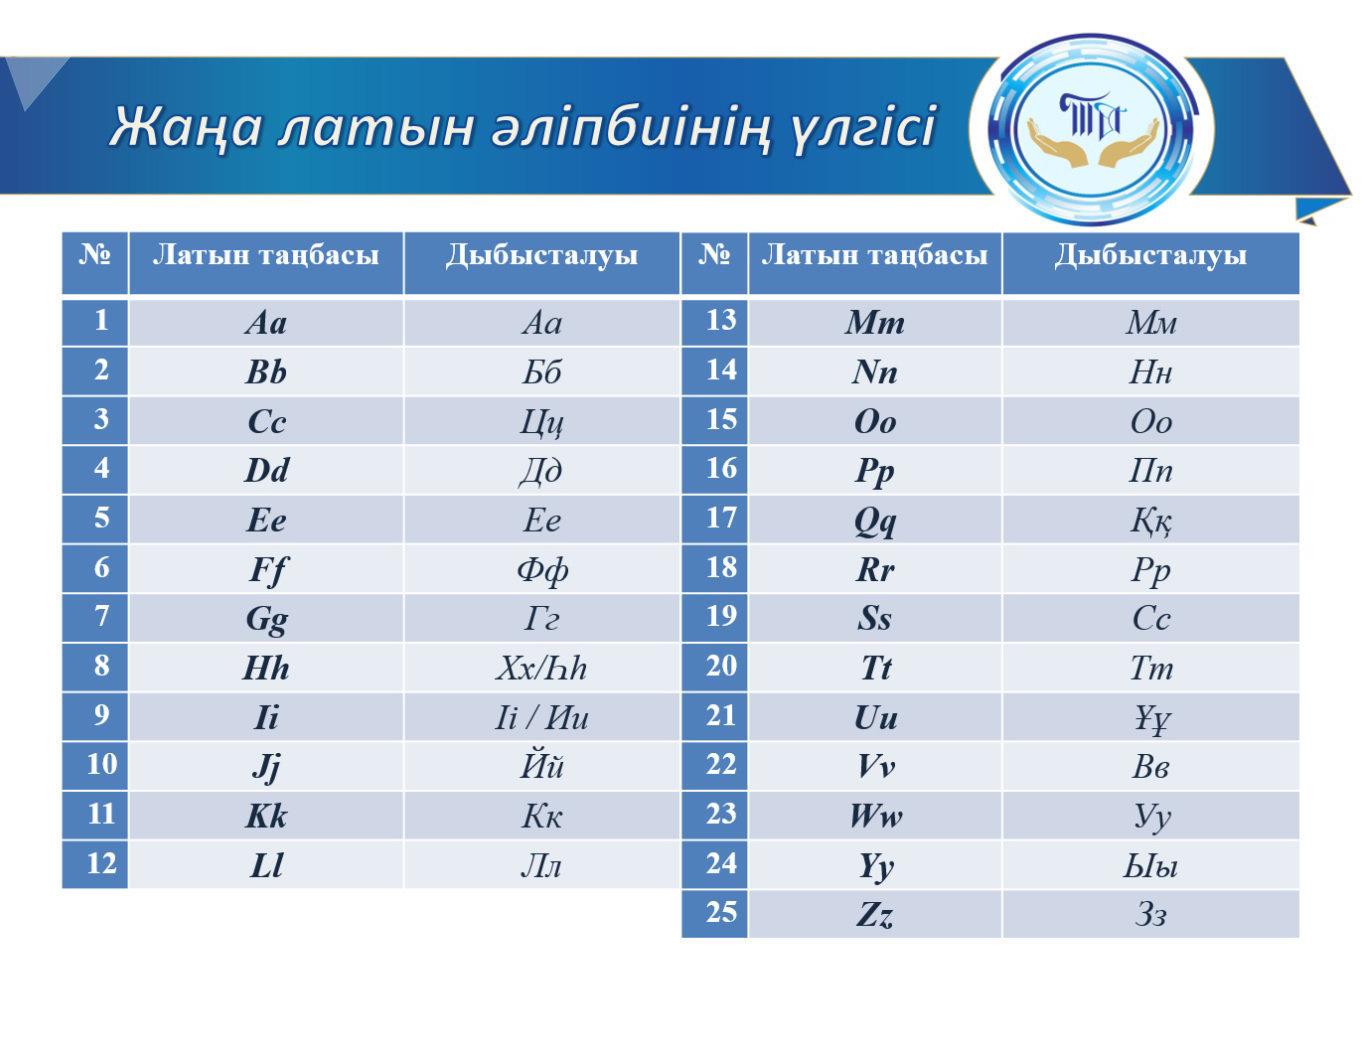 Предлагаемый вариант нового казахского алфавита на основе латиницы